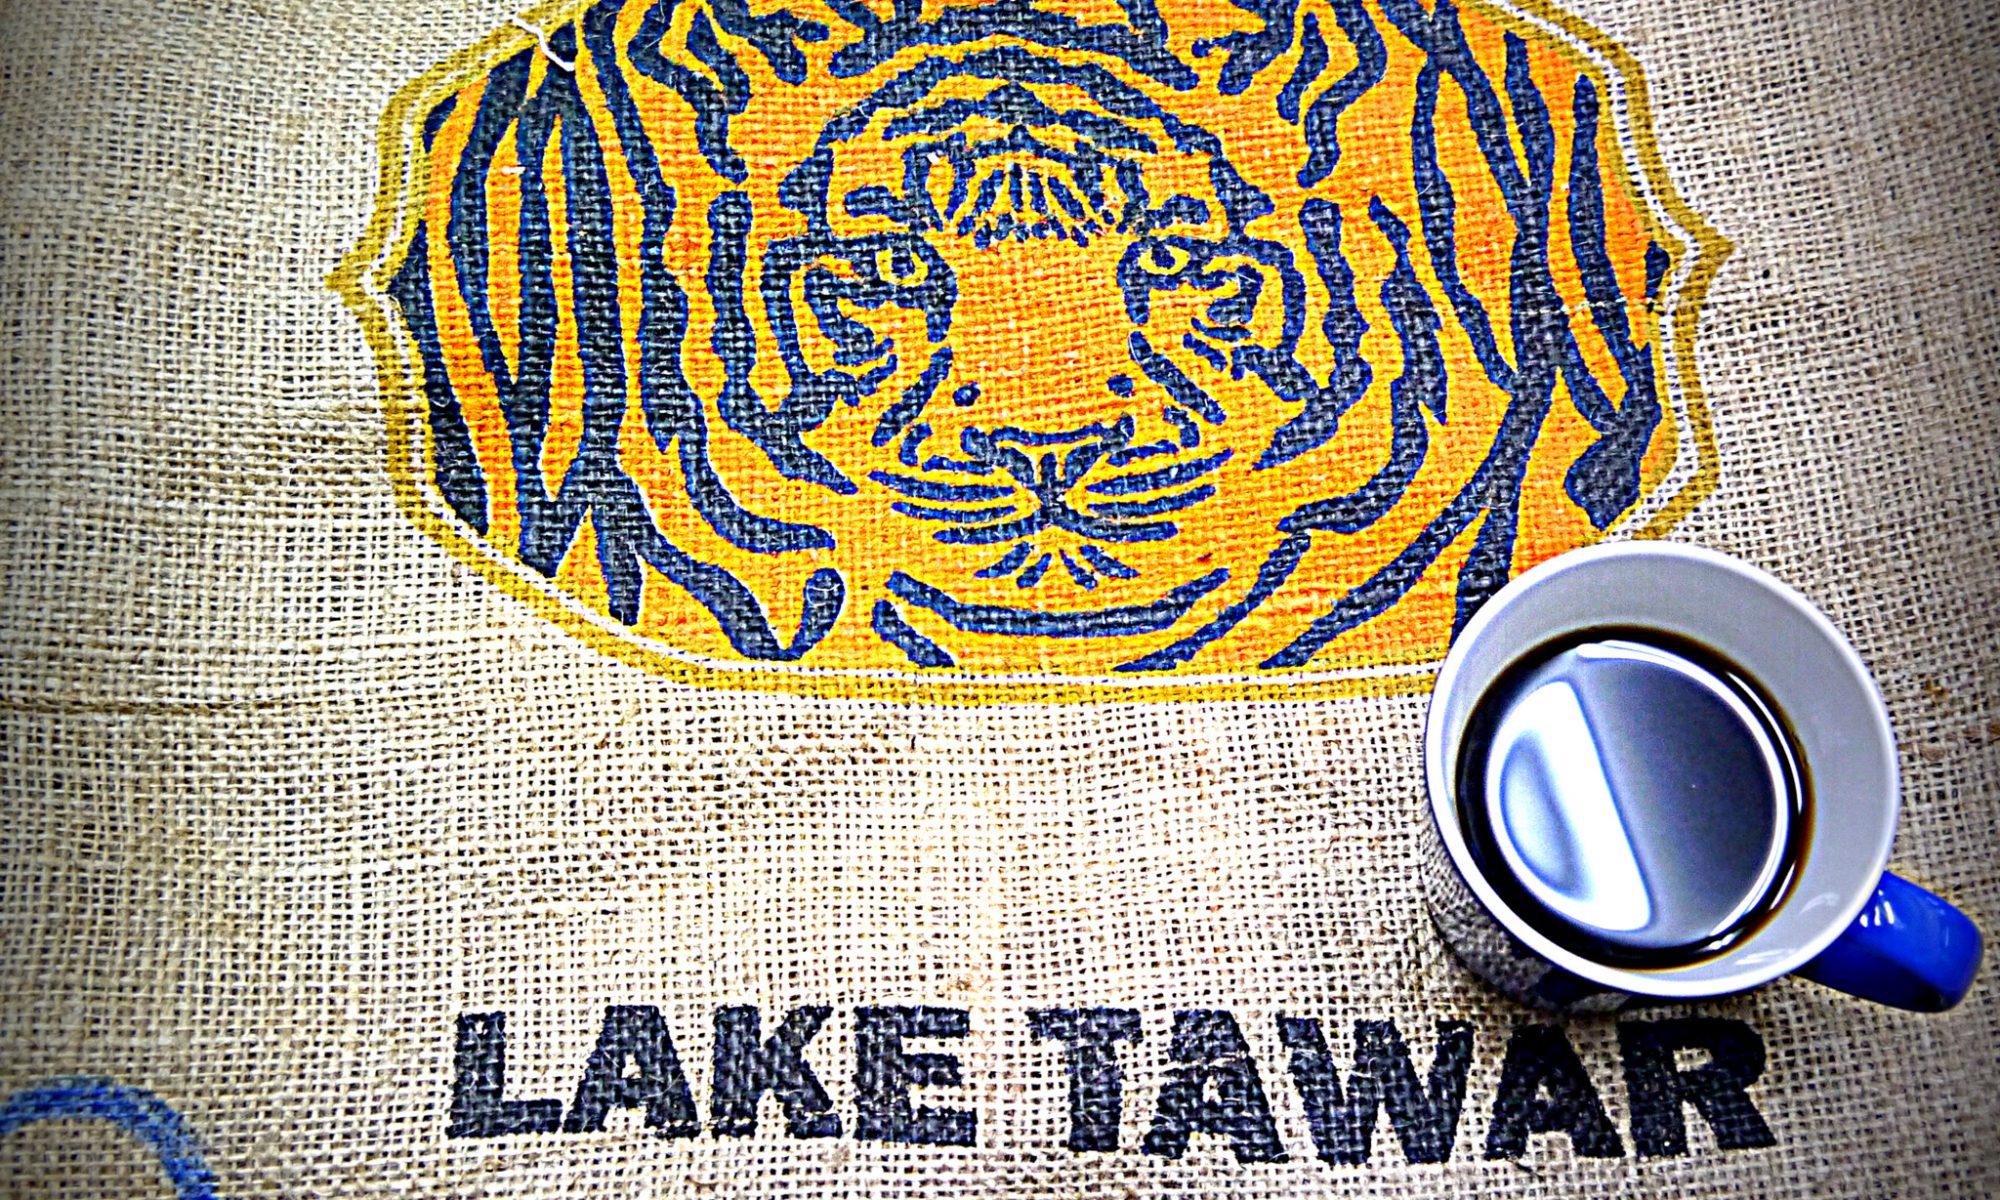 コーヒー豆「インドネシア マンデリン スマトラタイガー」